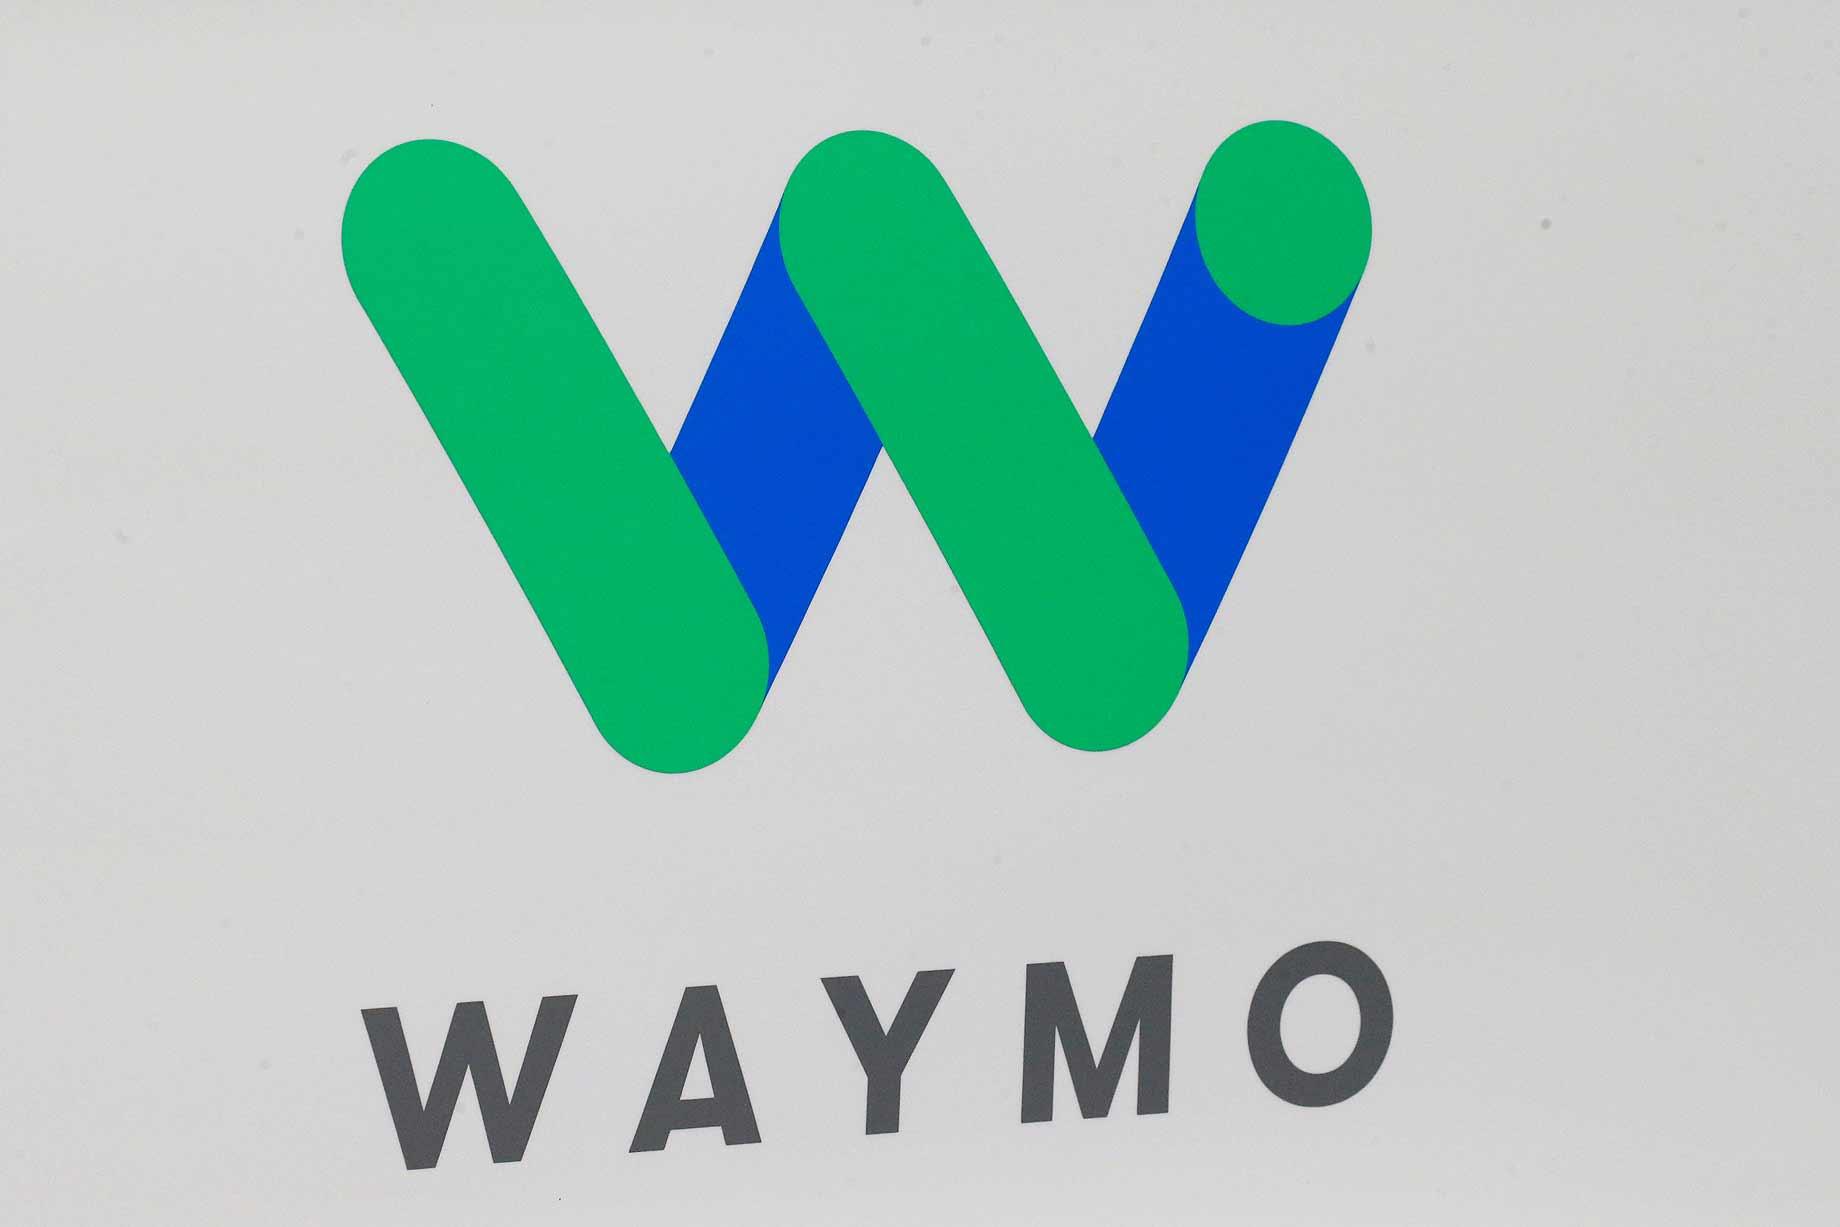 Waymo's latest autonomous vehicles partners are Renault, Nissan